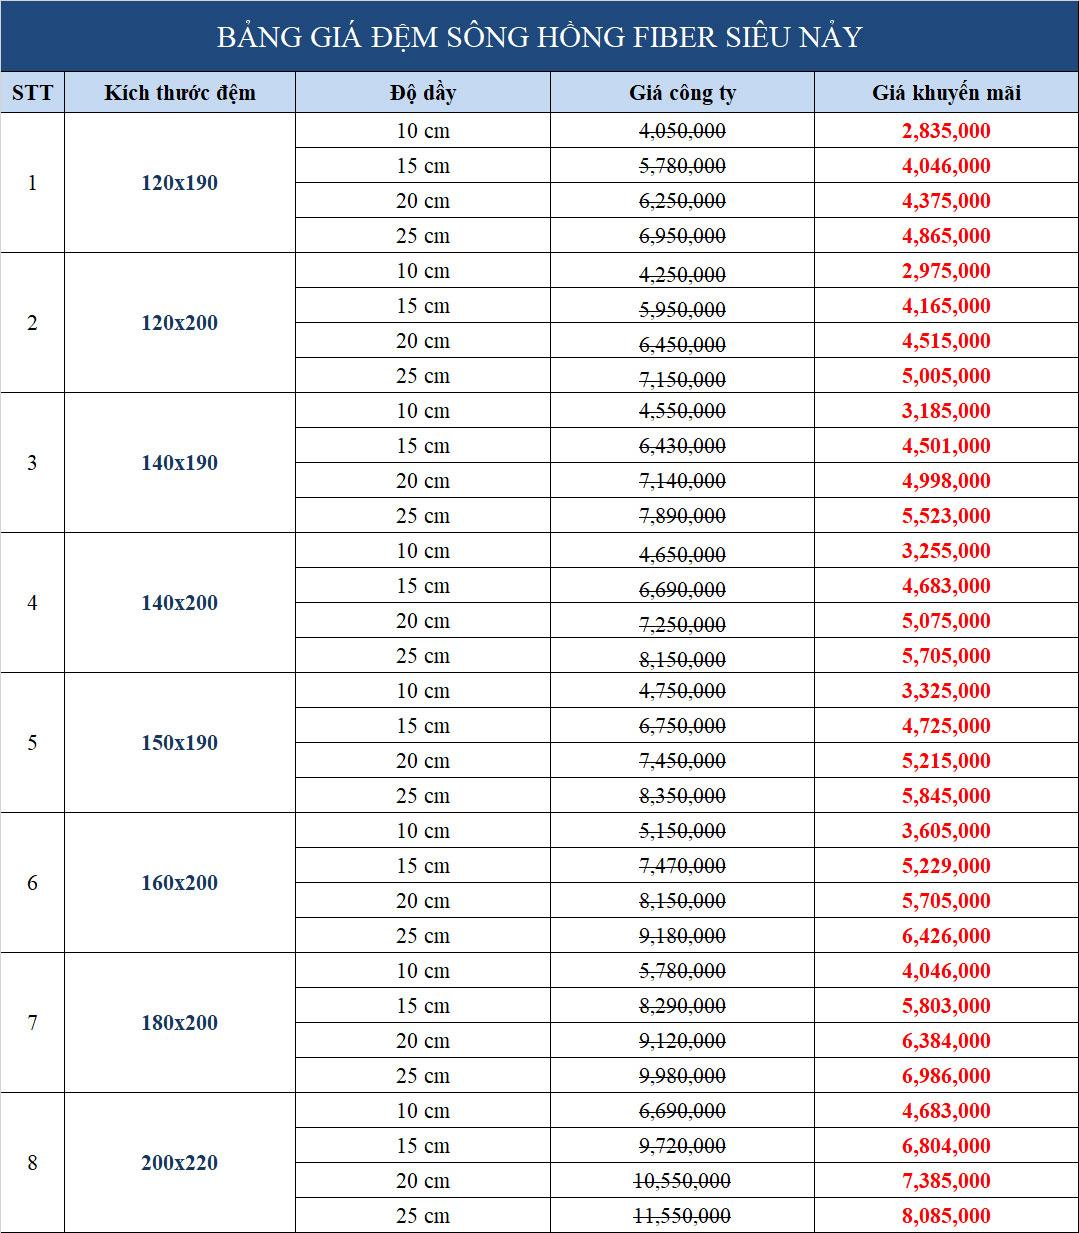 Bảng giá khuyến mãi đệm sông Hồng siêu nảy Fiber